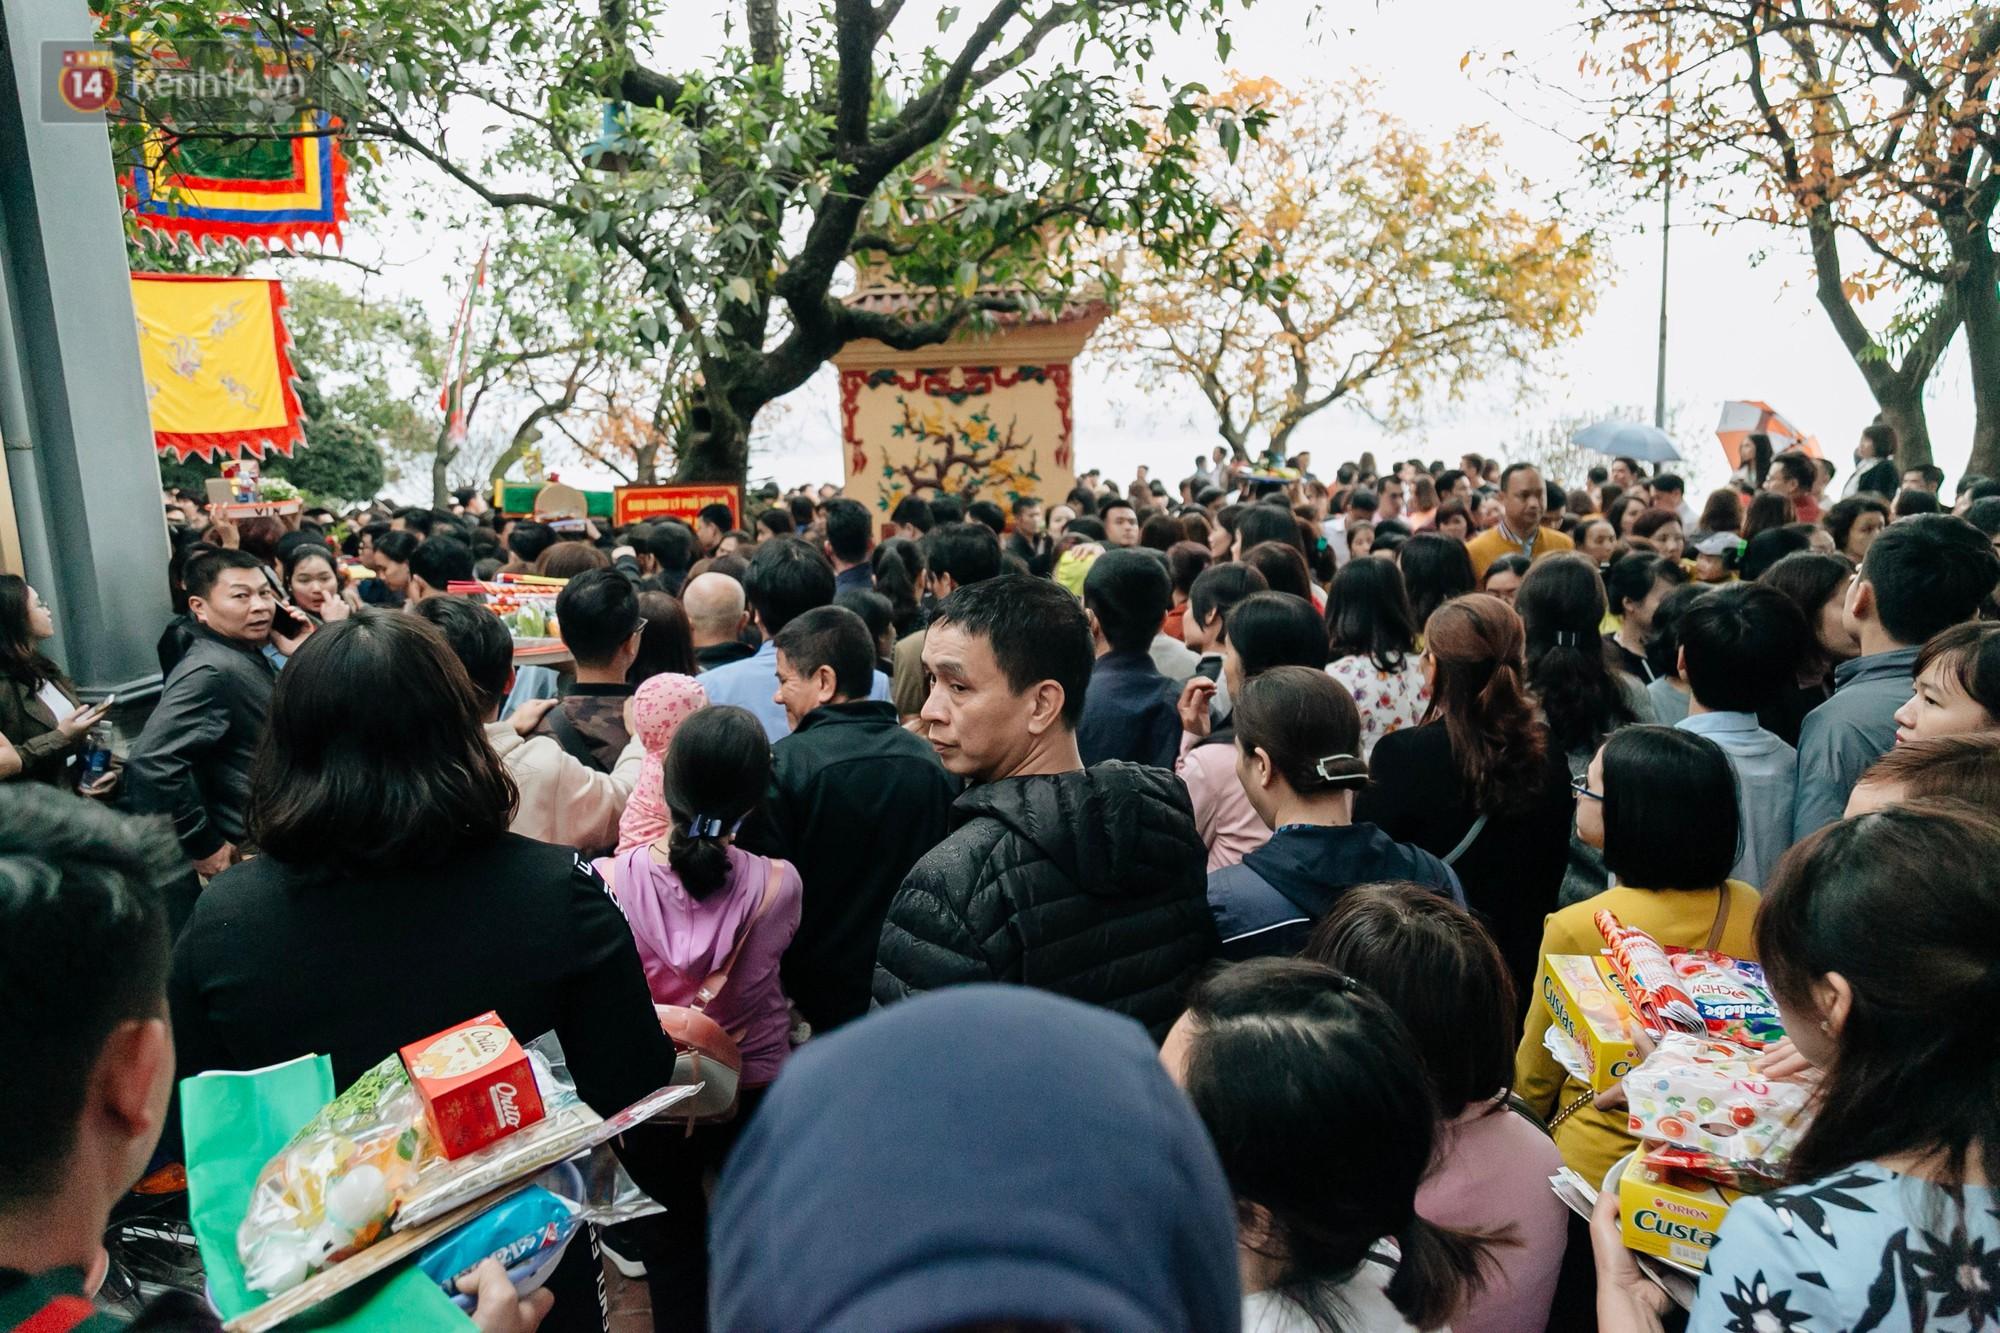 Ảnh, clip: Phủ Tây Hồ và chùa Trấn Quốc ken đặc người trong ngày đi làm đầu tiên của năm mới 2019 - Ảnh 9.